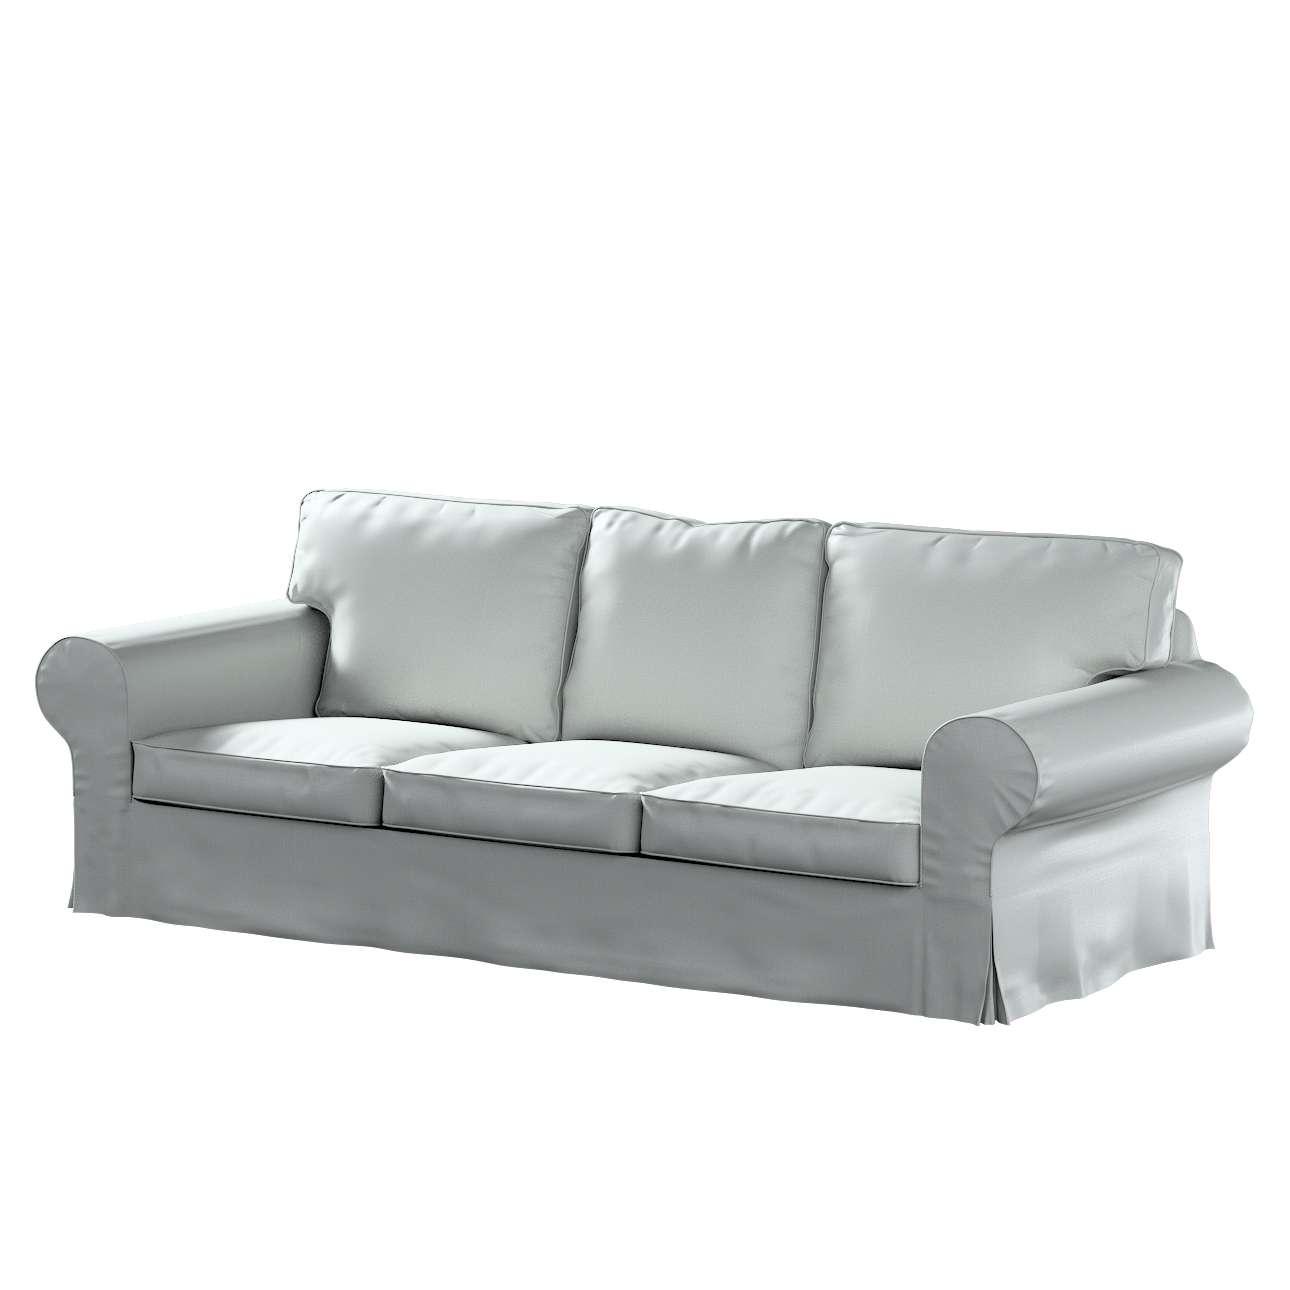 Pokrowiec na sofę Ektorp 3-osobową, nierozkładaną w kolekcji Bergen, tkanina: 161-72